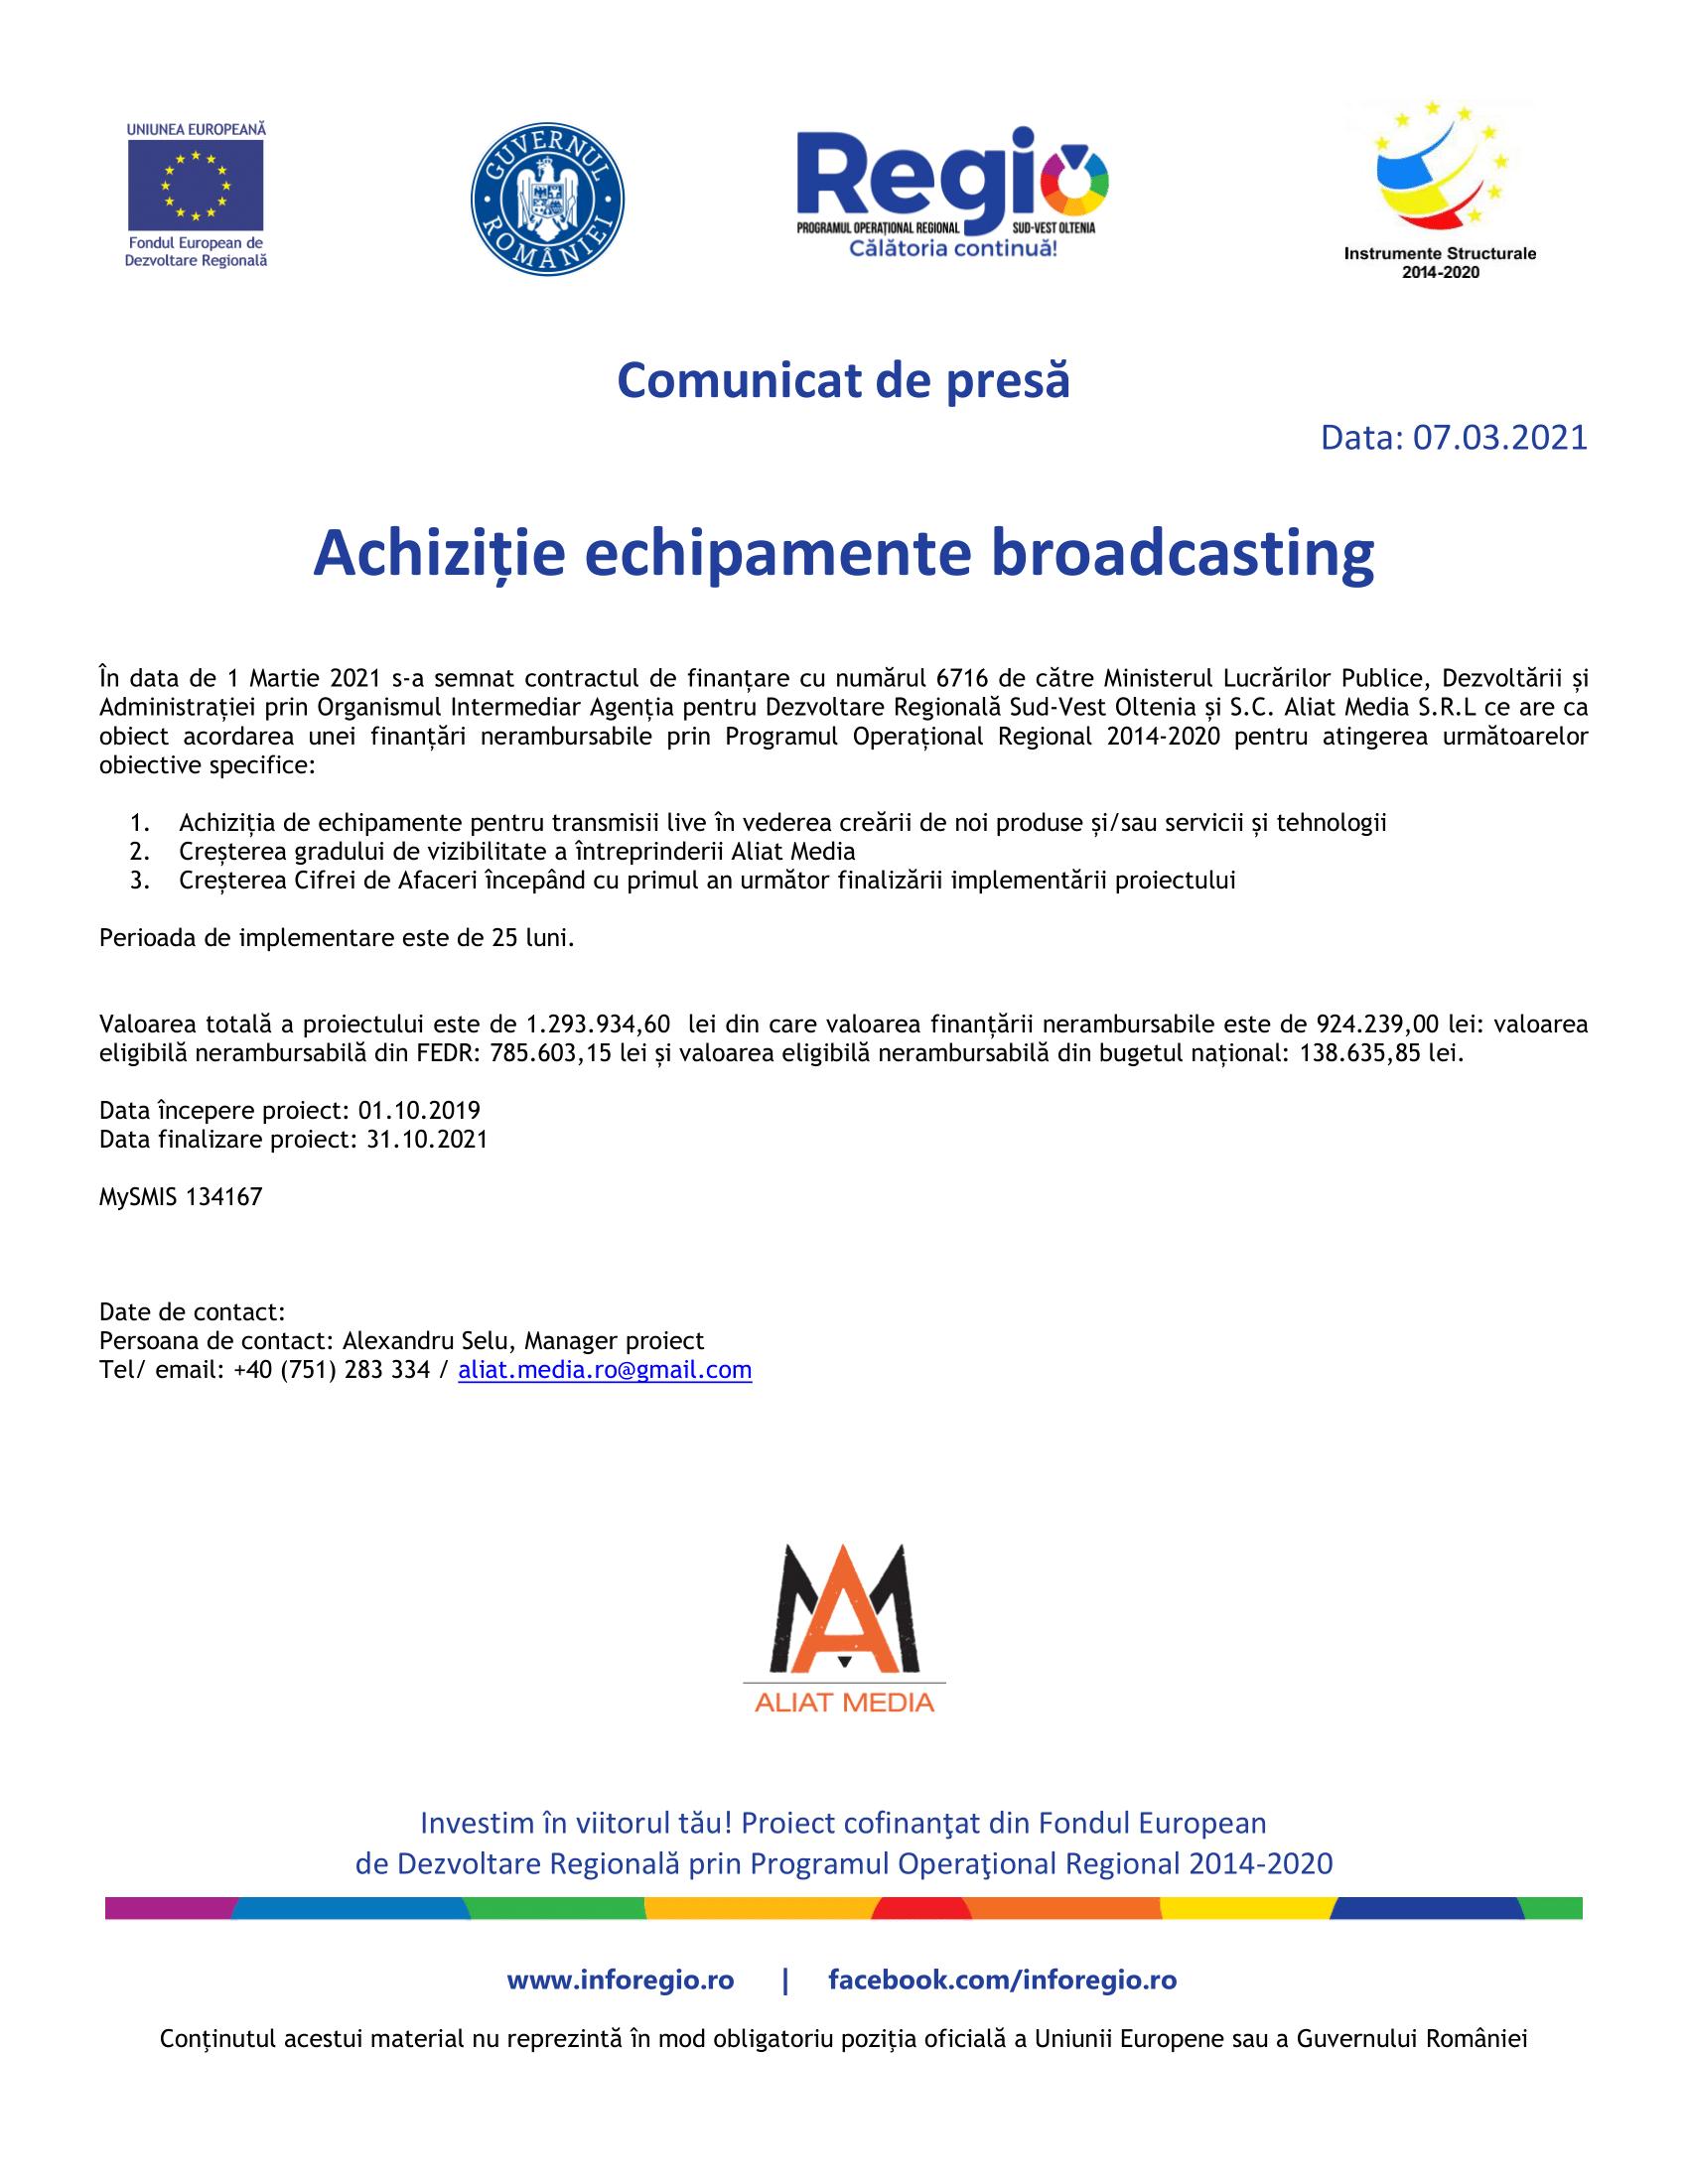 1. Comunicat de presa lansare proiect_Aliat Media SRL_SMIS 134167 7 martie-1